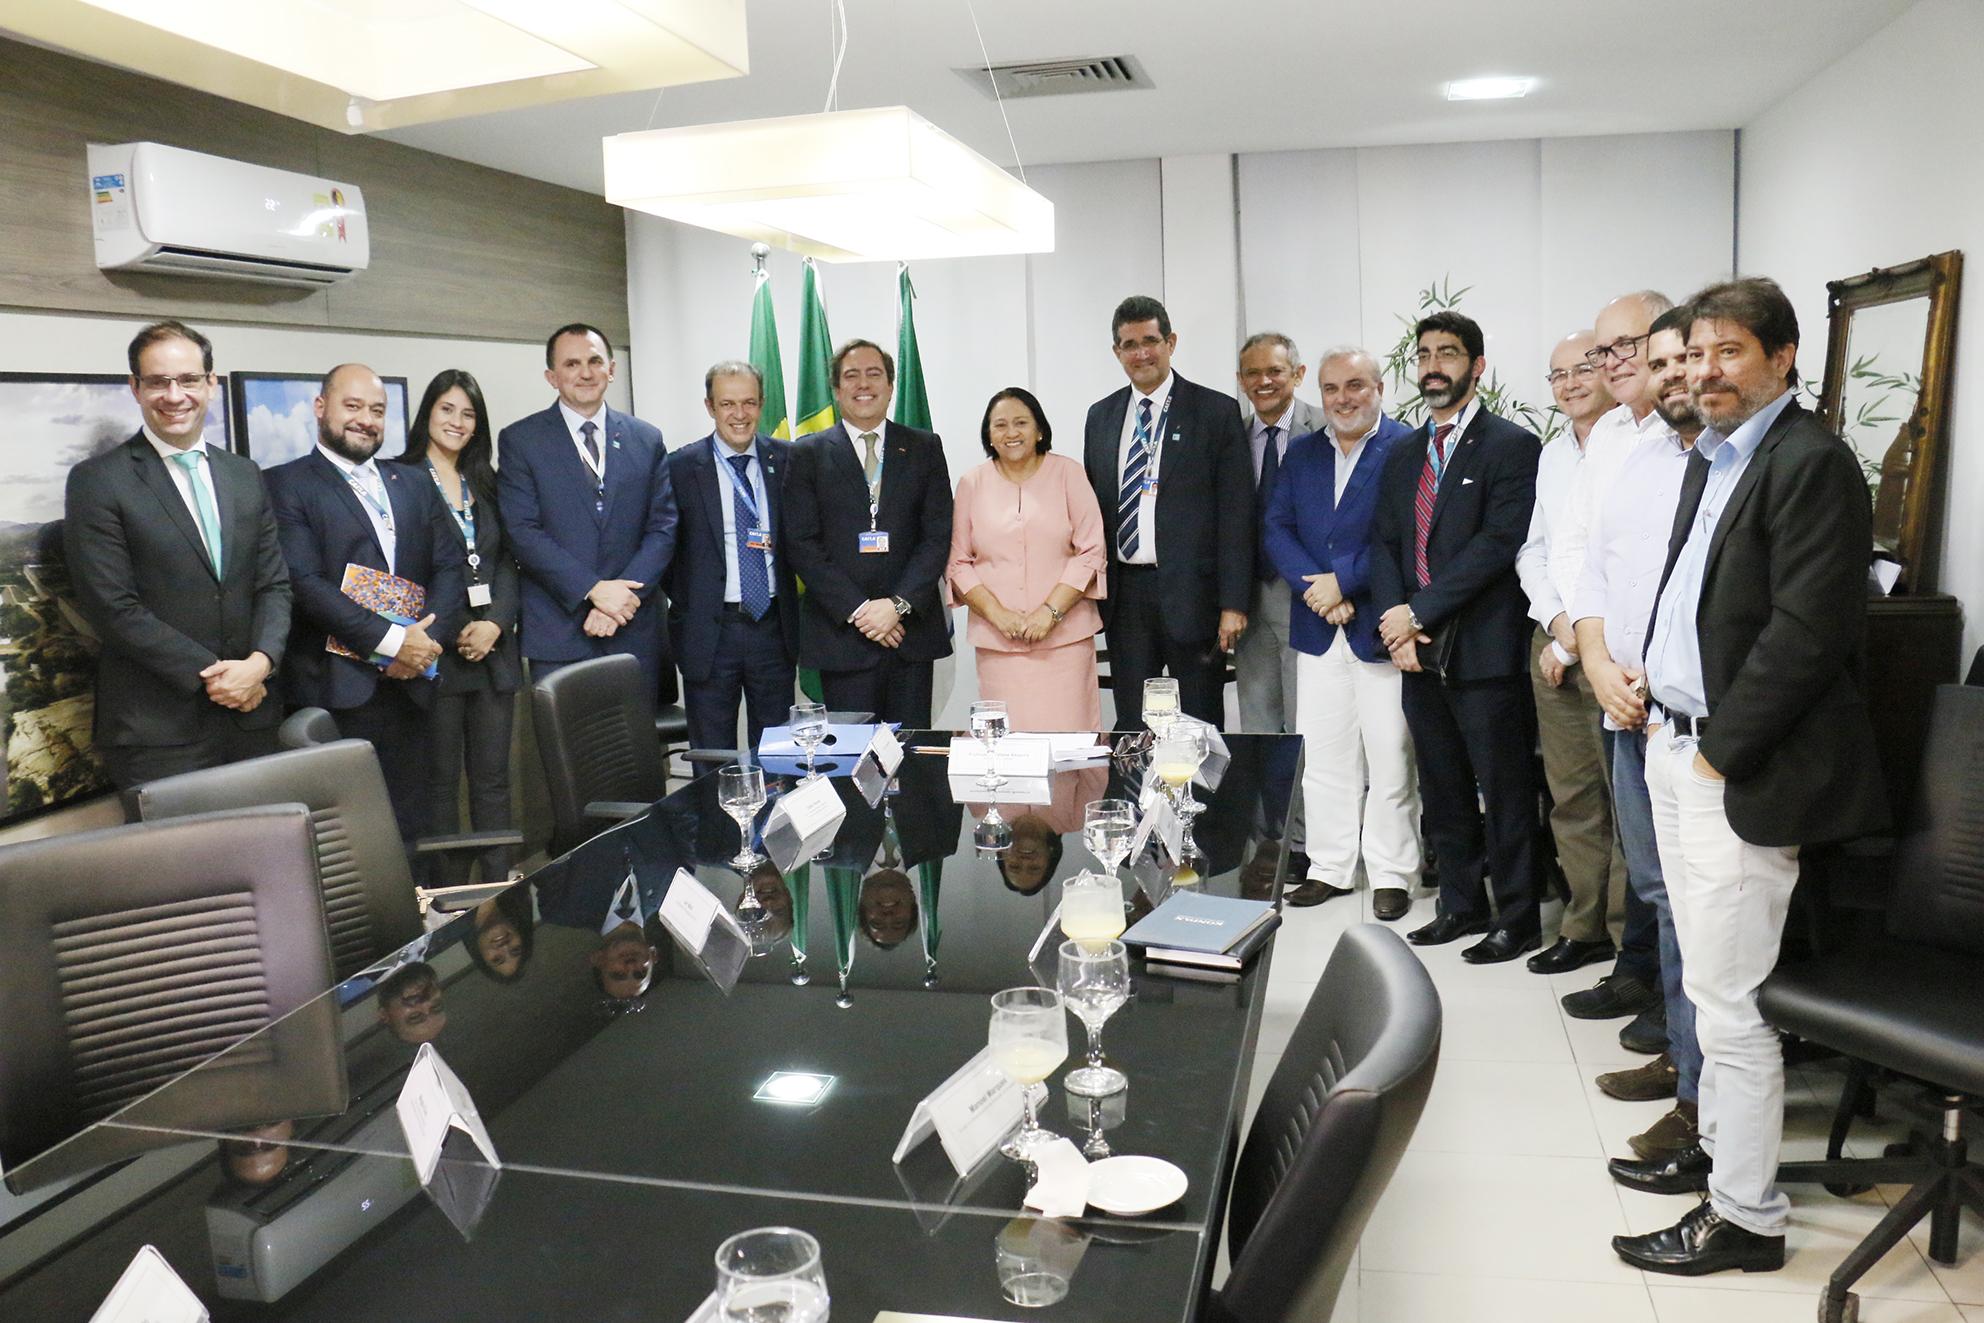 Presidente Nacional da caixa Economica fot Ivanizio Ramos4